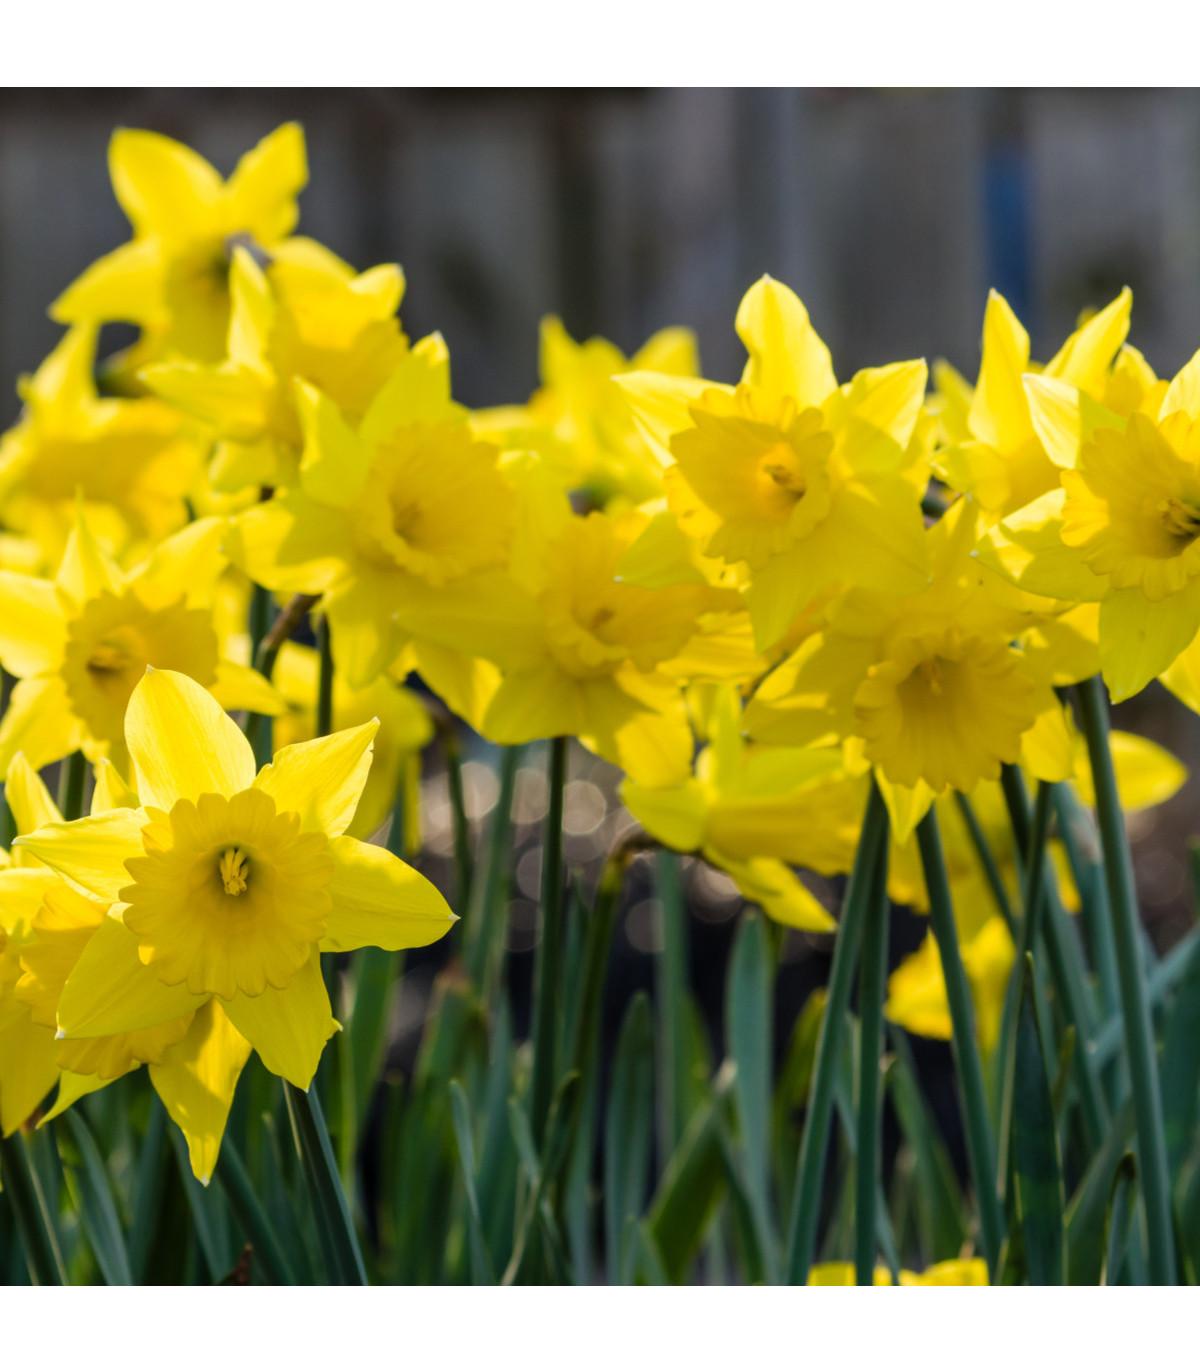 Narcis trubkovitý Holandský master - cibule narcisu - cibuľky - 3 ks